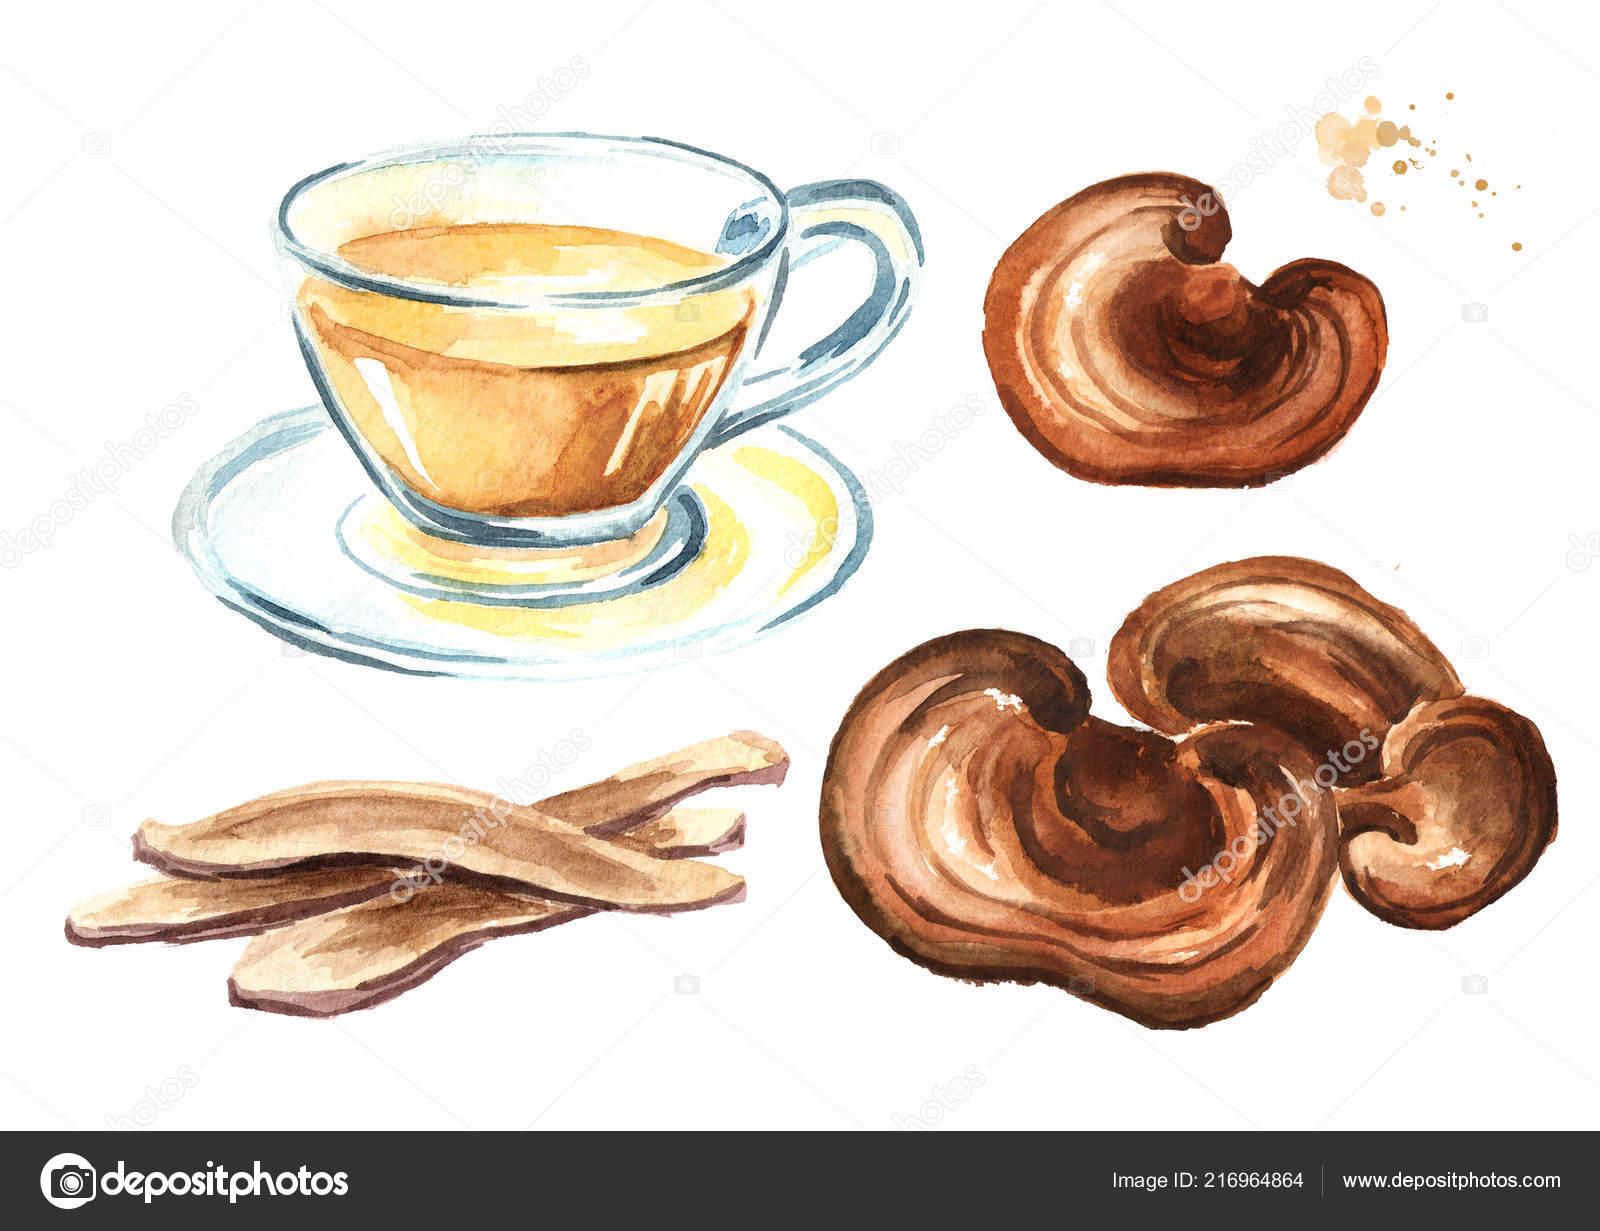 Mushroom tea set | Lingzhi Mushroom Reishi Mushroom Slice